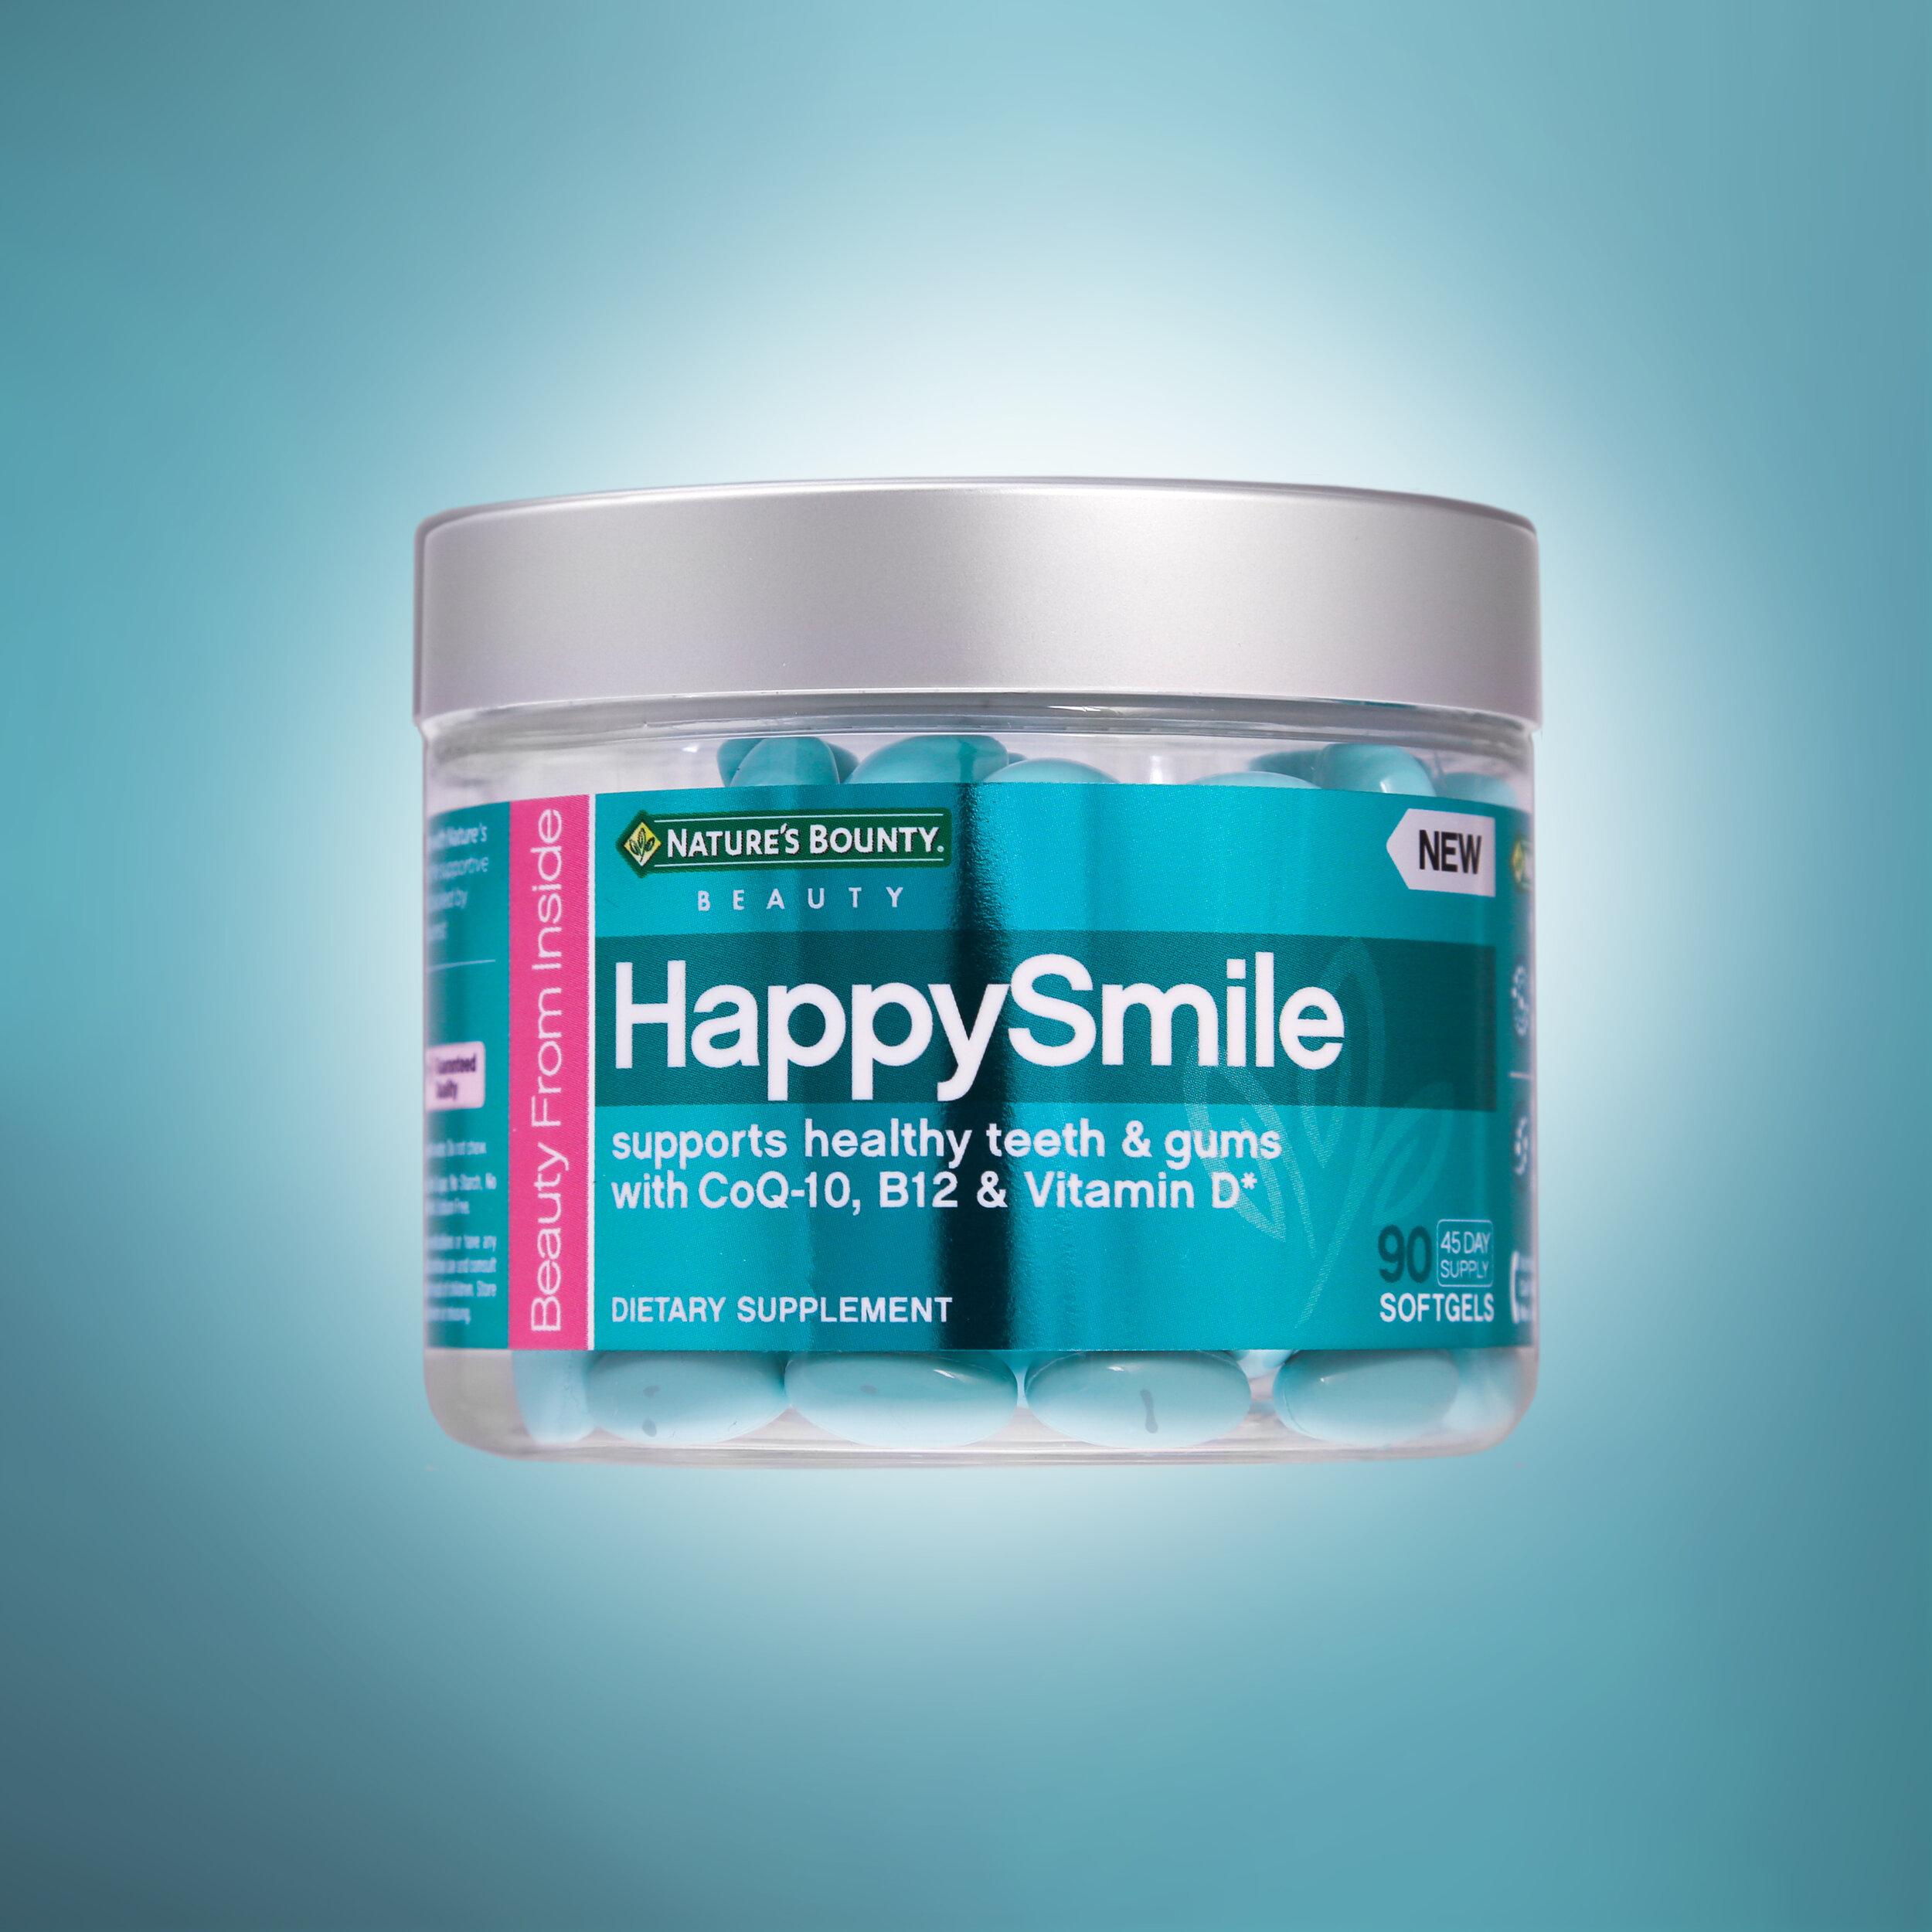 Beauty Gels HappySmile.jpg